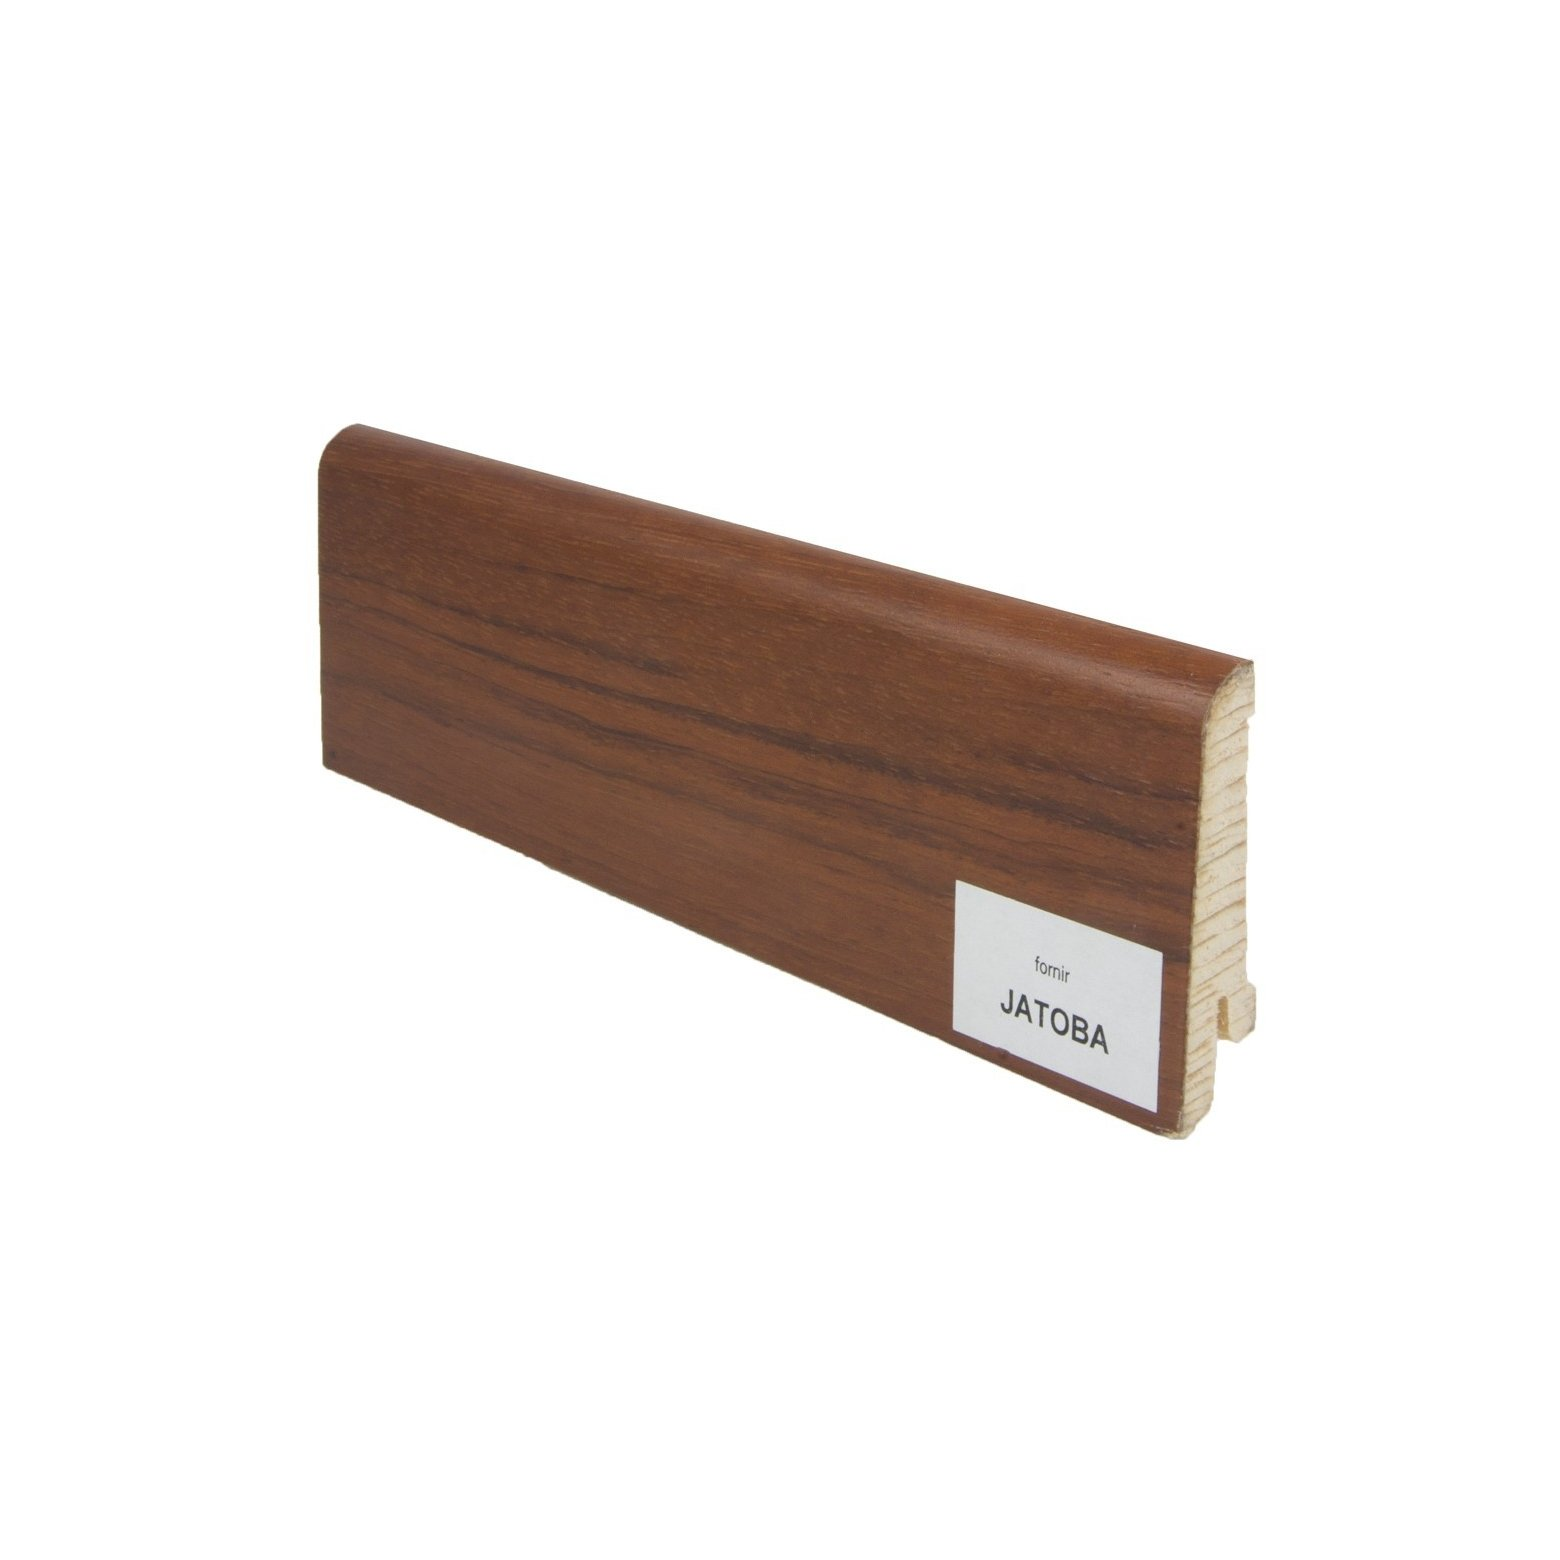 Listwa przypodłogowa drewniana (60/14 mm) JATOBA Pedross - 1